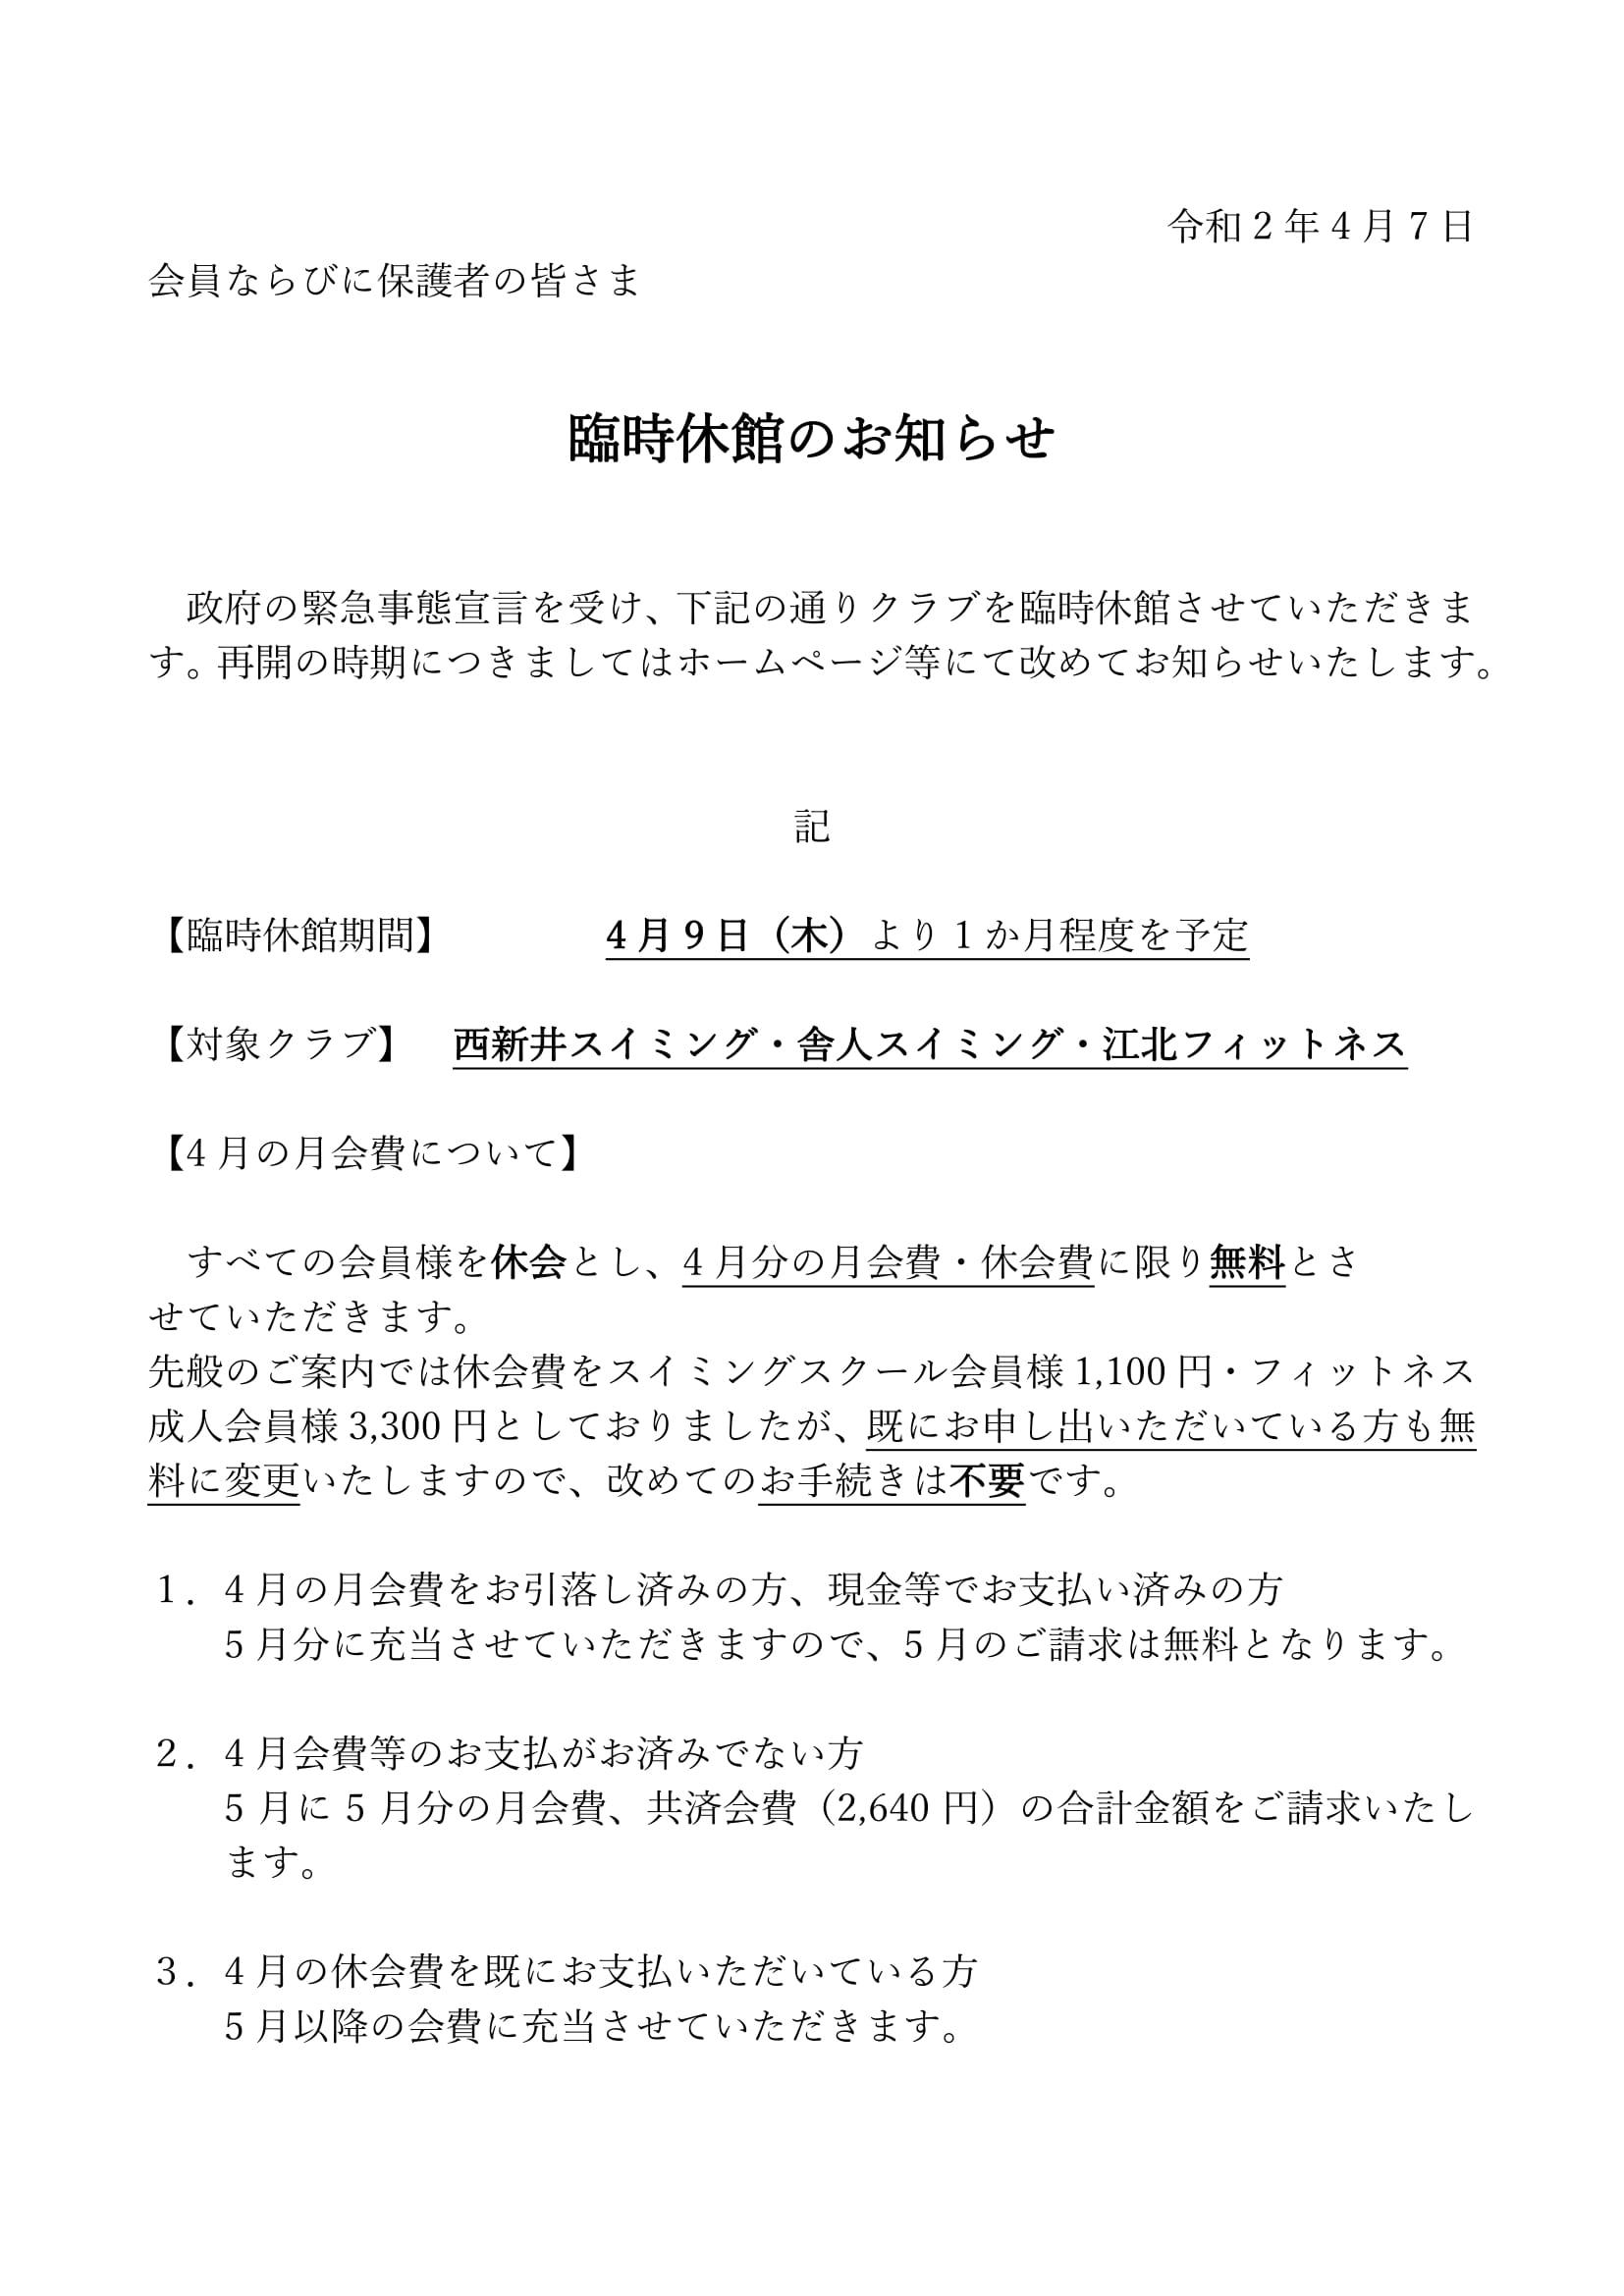 東京マリンのすべてのお客様へ(4/7更新)